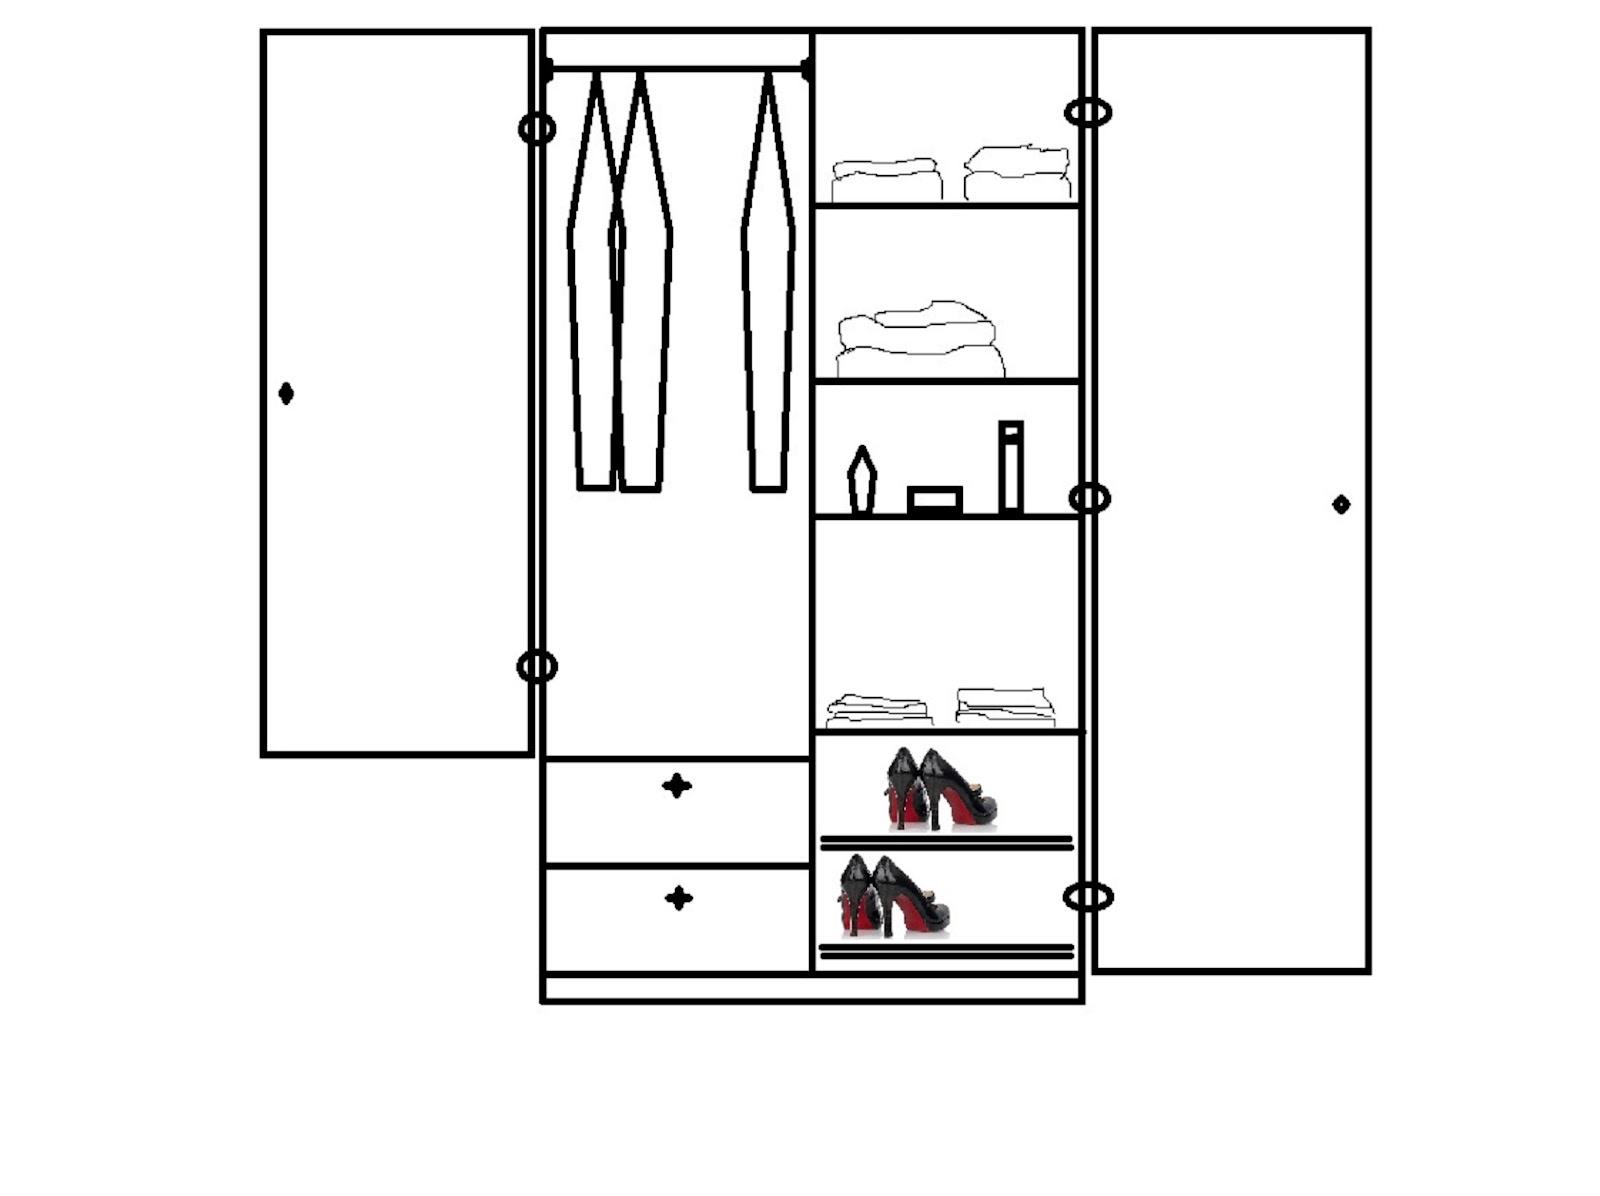 Muebles de los angeles planos de roperos compuestos y simples for Planos de roperos